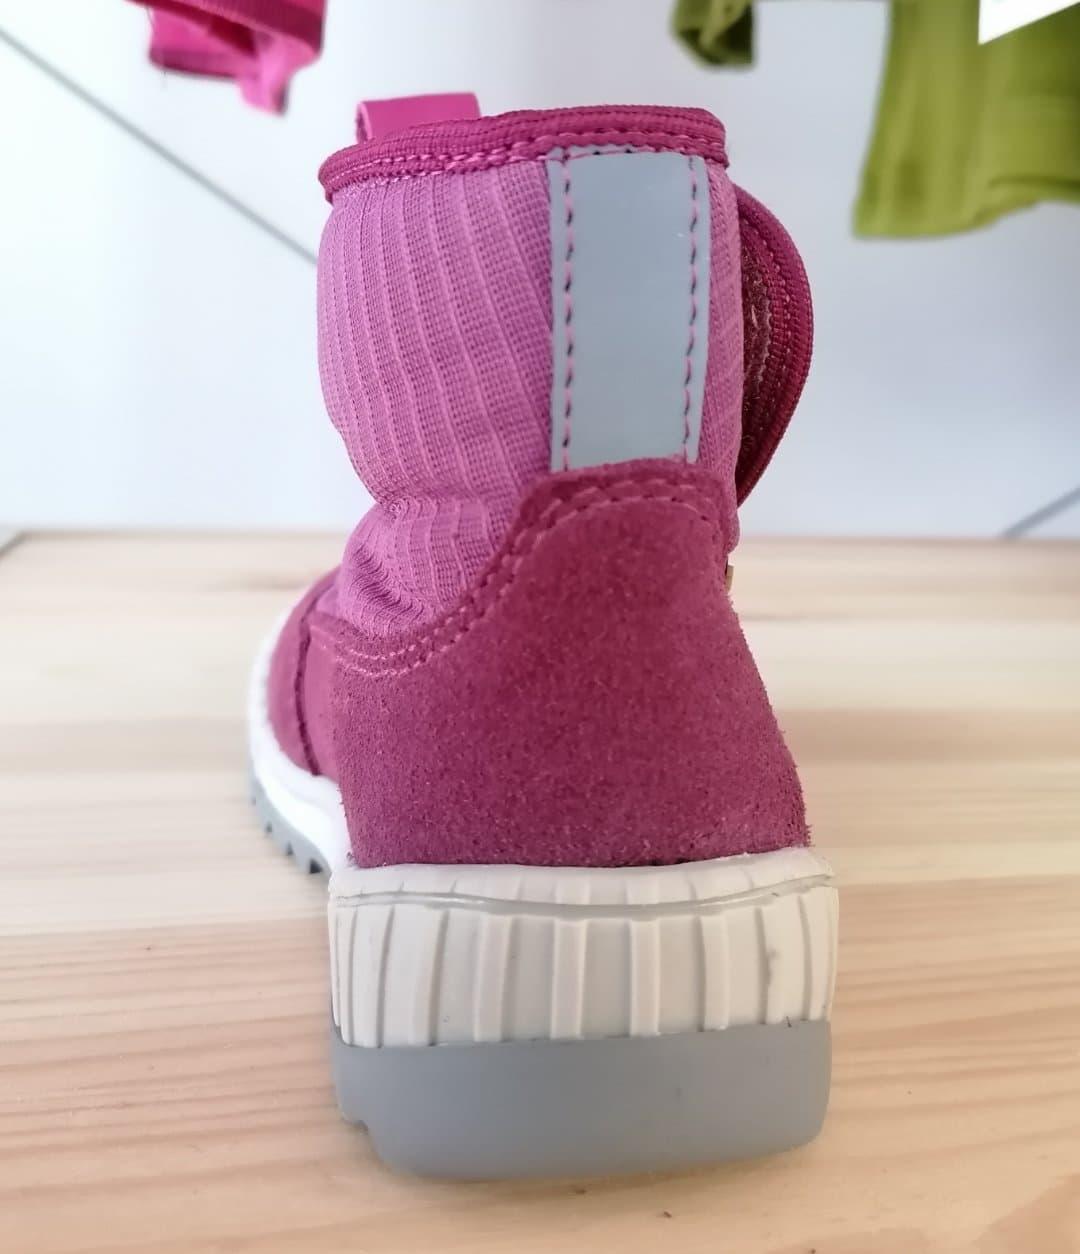 Cizme impermeabile din piele căptuşite cu lână naturală şi talpă flexibilă Froddo Purple 3